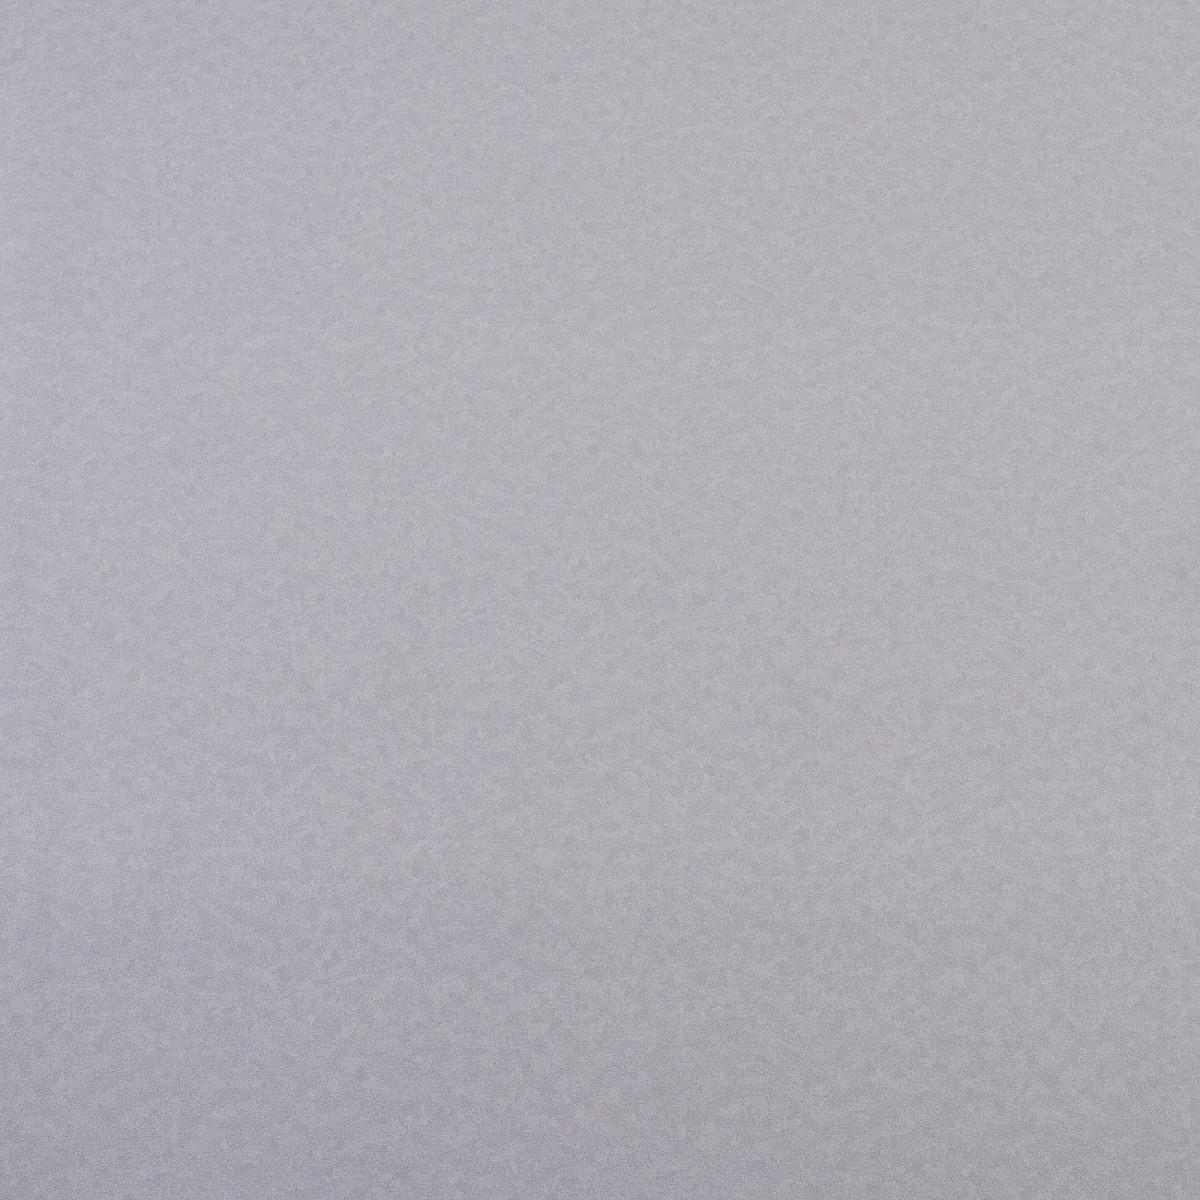 Обои флизелиновые 1.06х10 м фон серый ER 5684-34